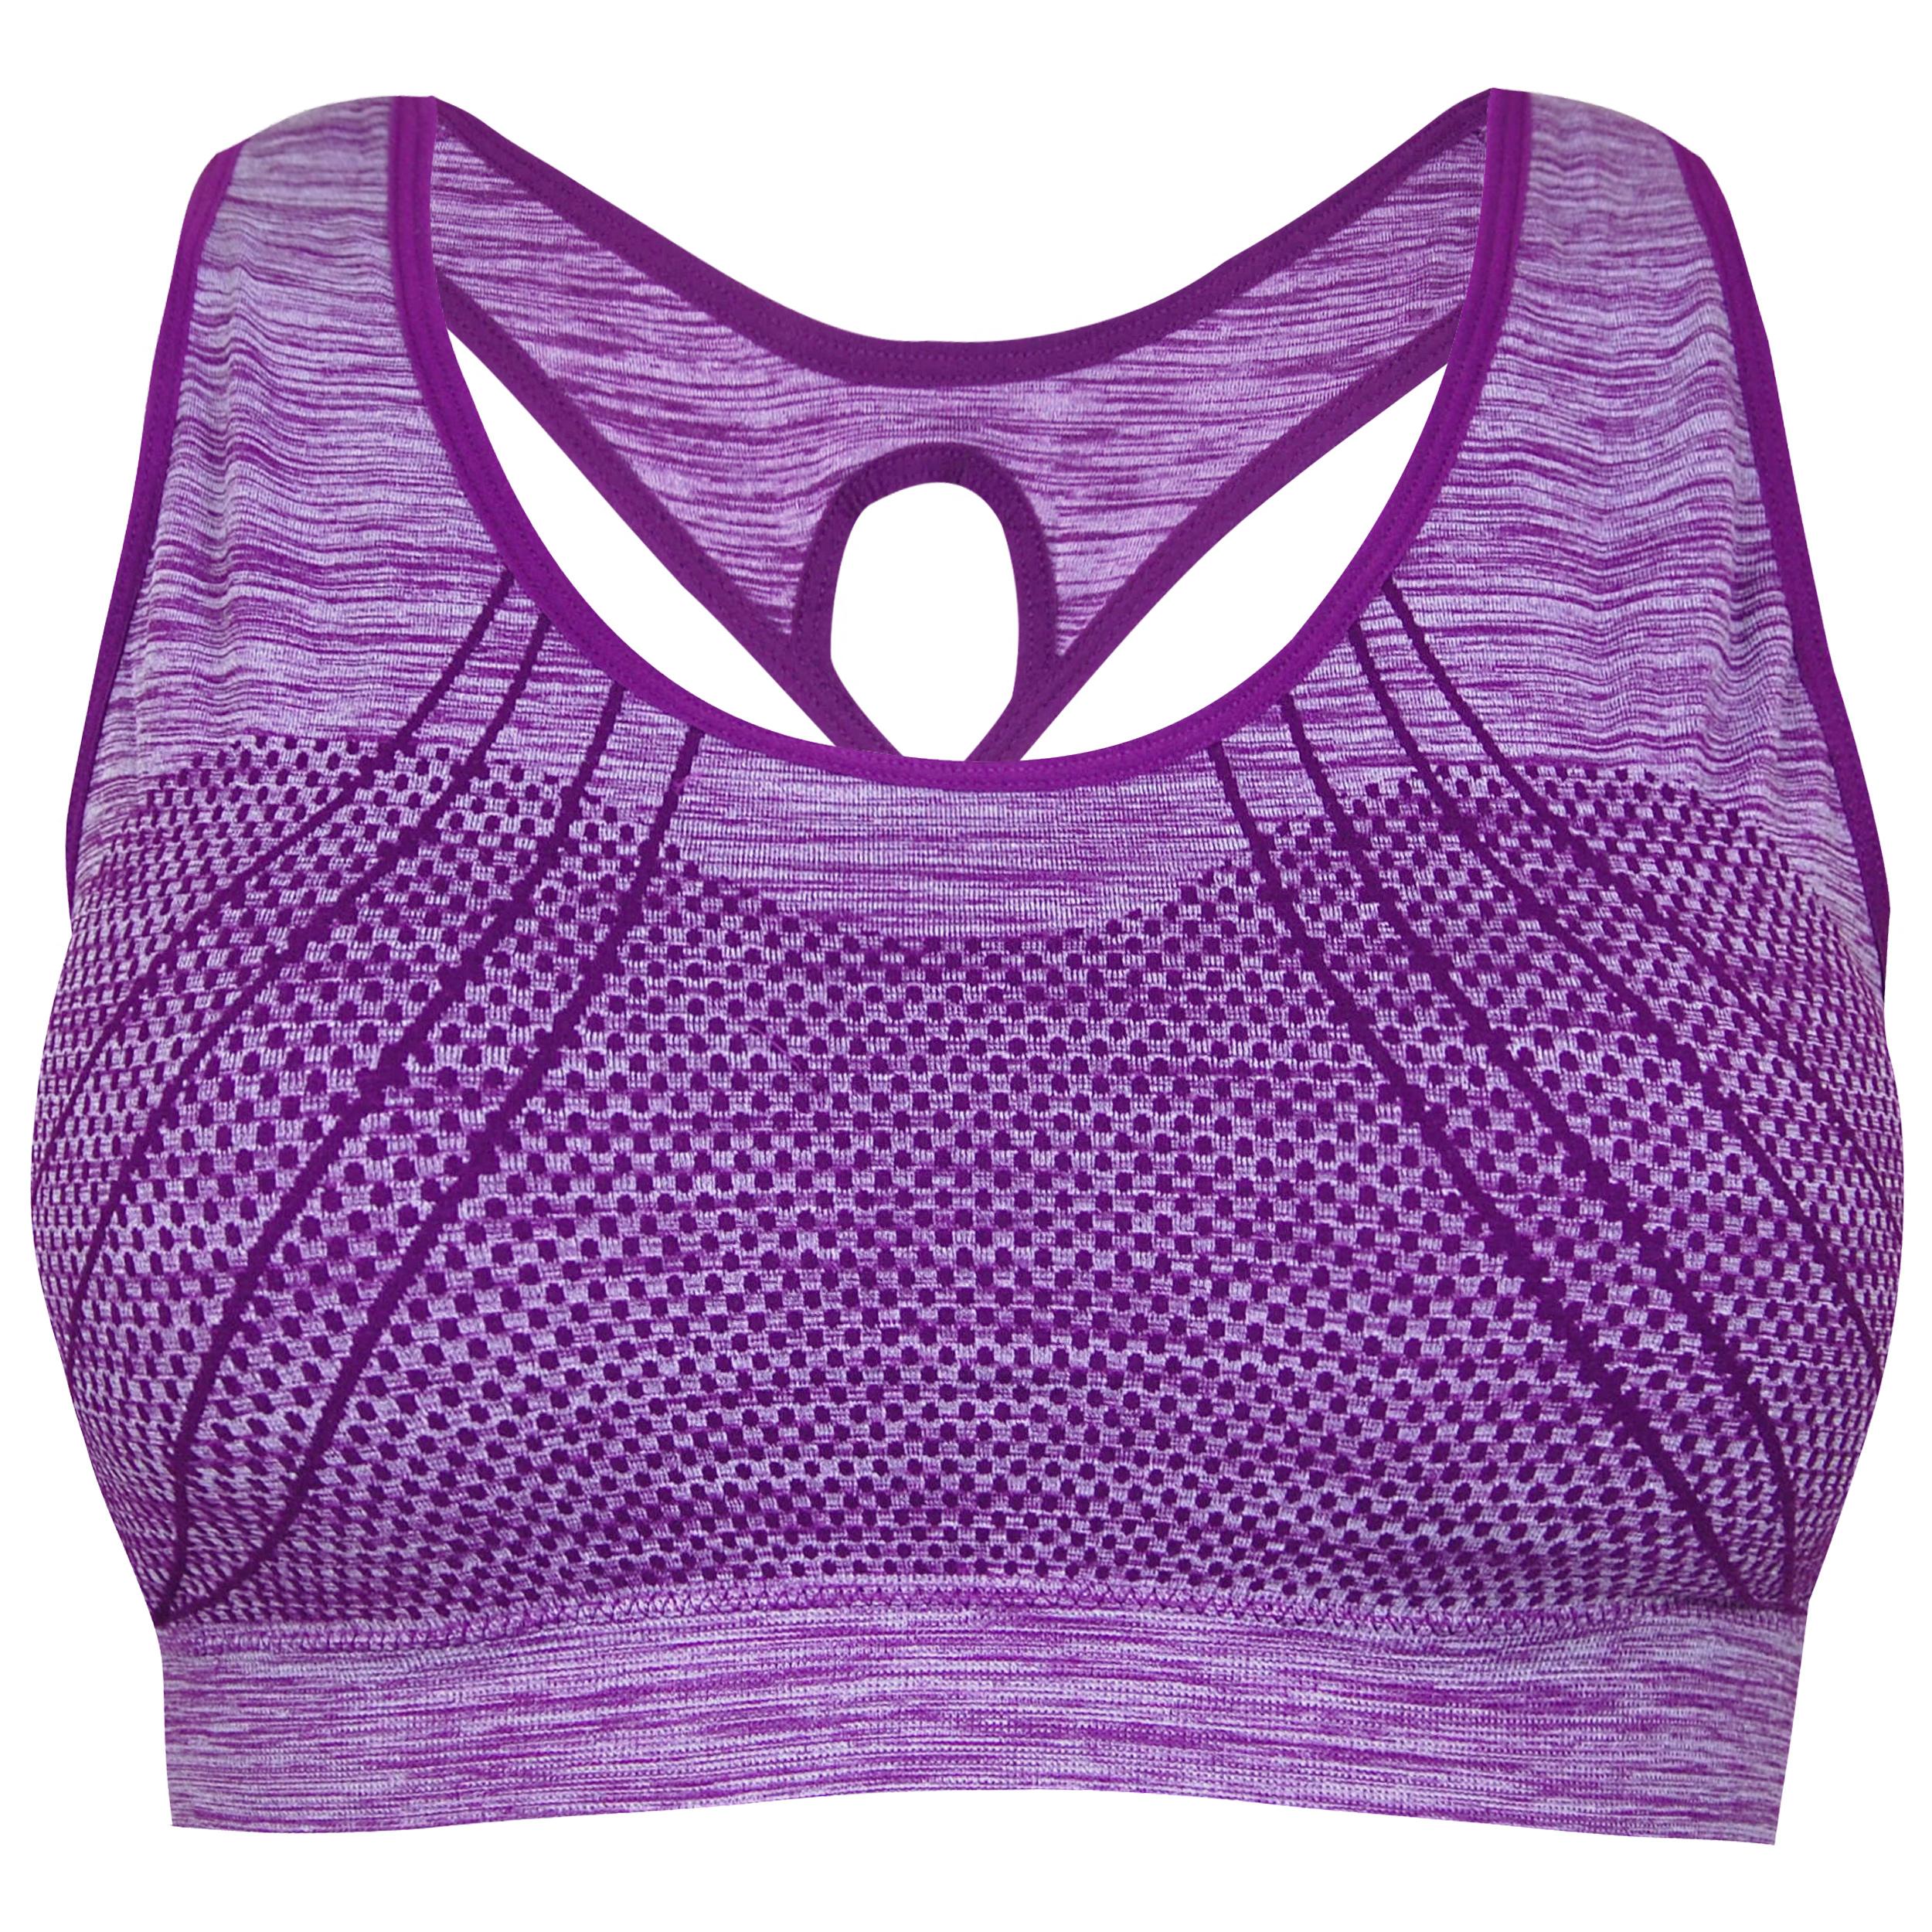 نیم تنه ورزشی زنانه کد 3245-1